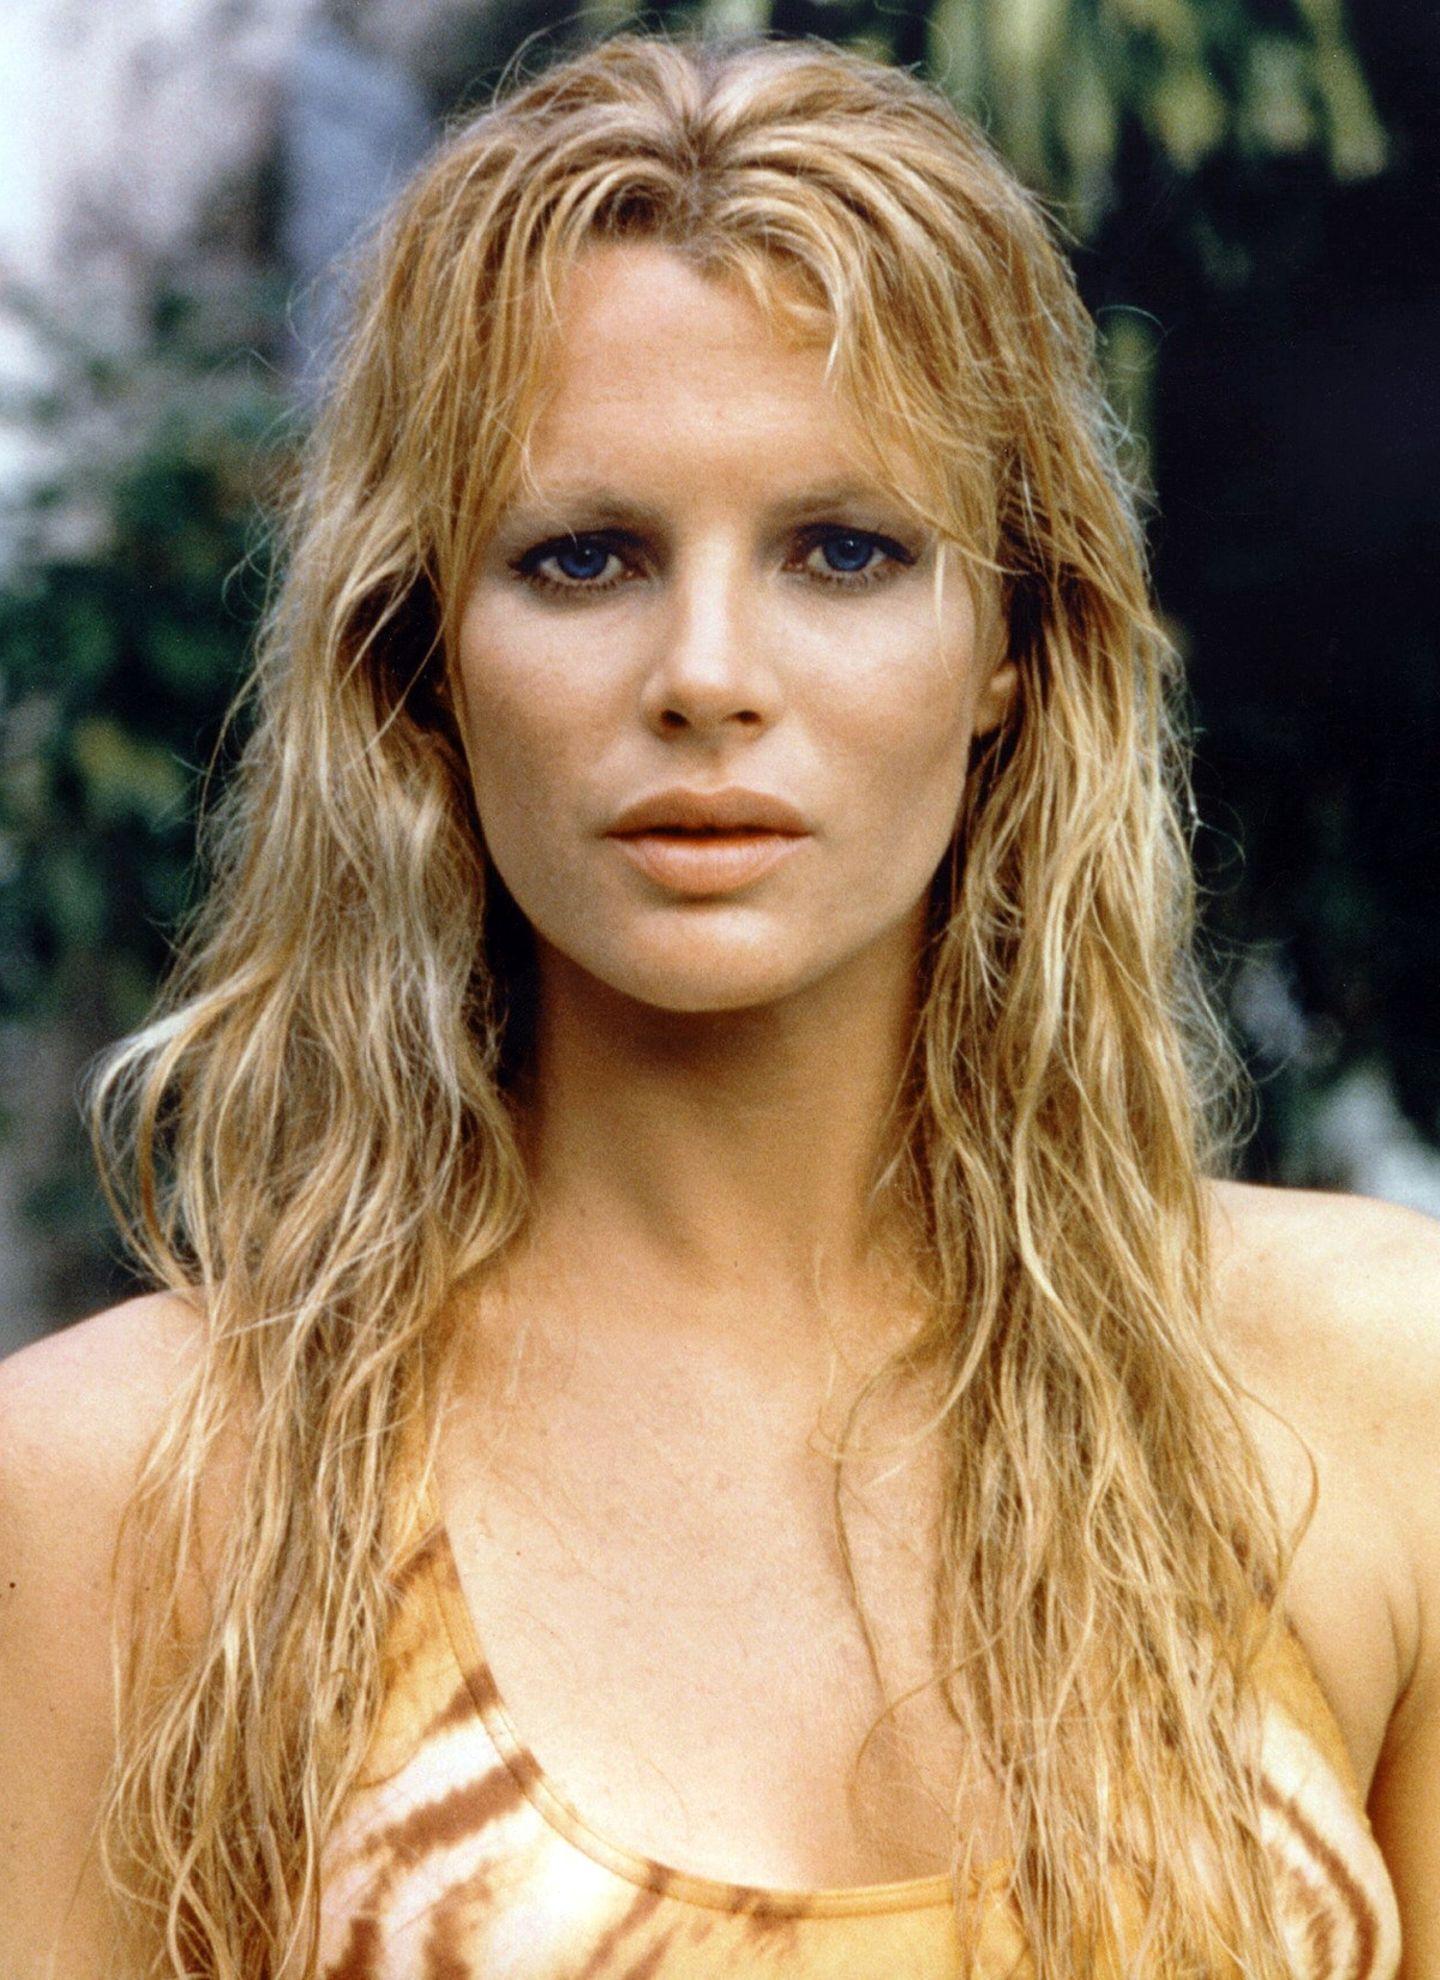 """Kim Basinger lässt in """"Sag niemals nie"""" von 1983 mit ihrer blonden Haarpracht im Wet-Look Erinnerungen an """"Honey Ryder"""" wach werden."""